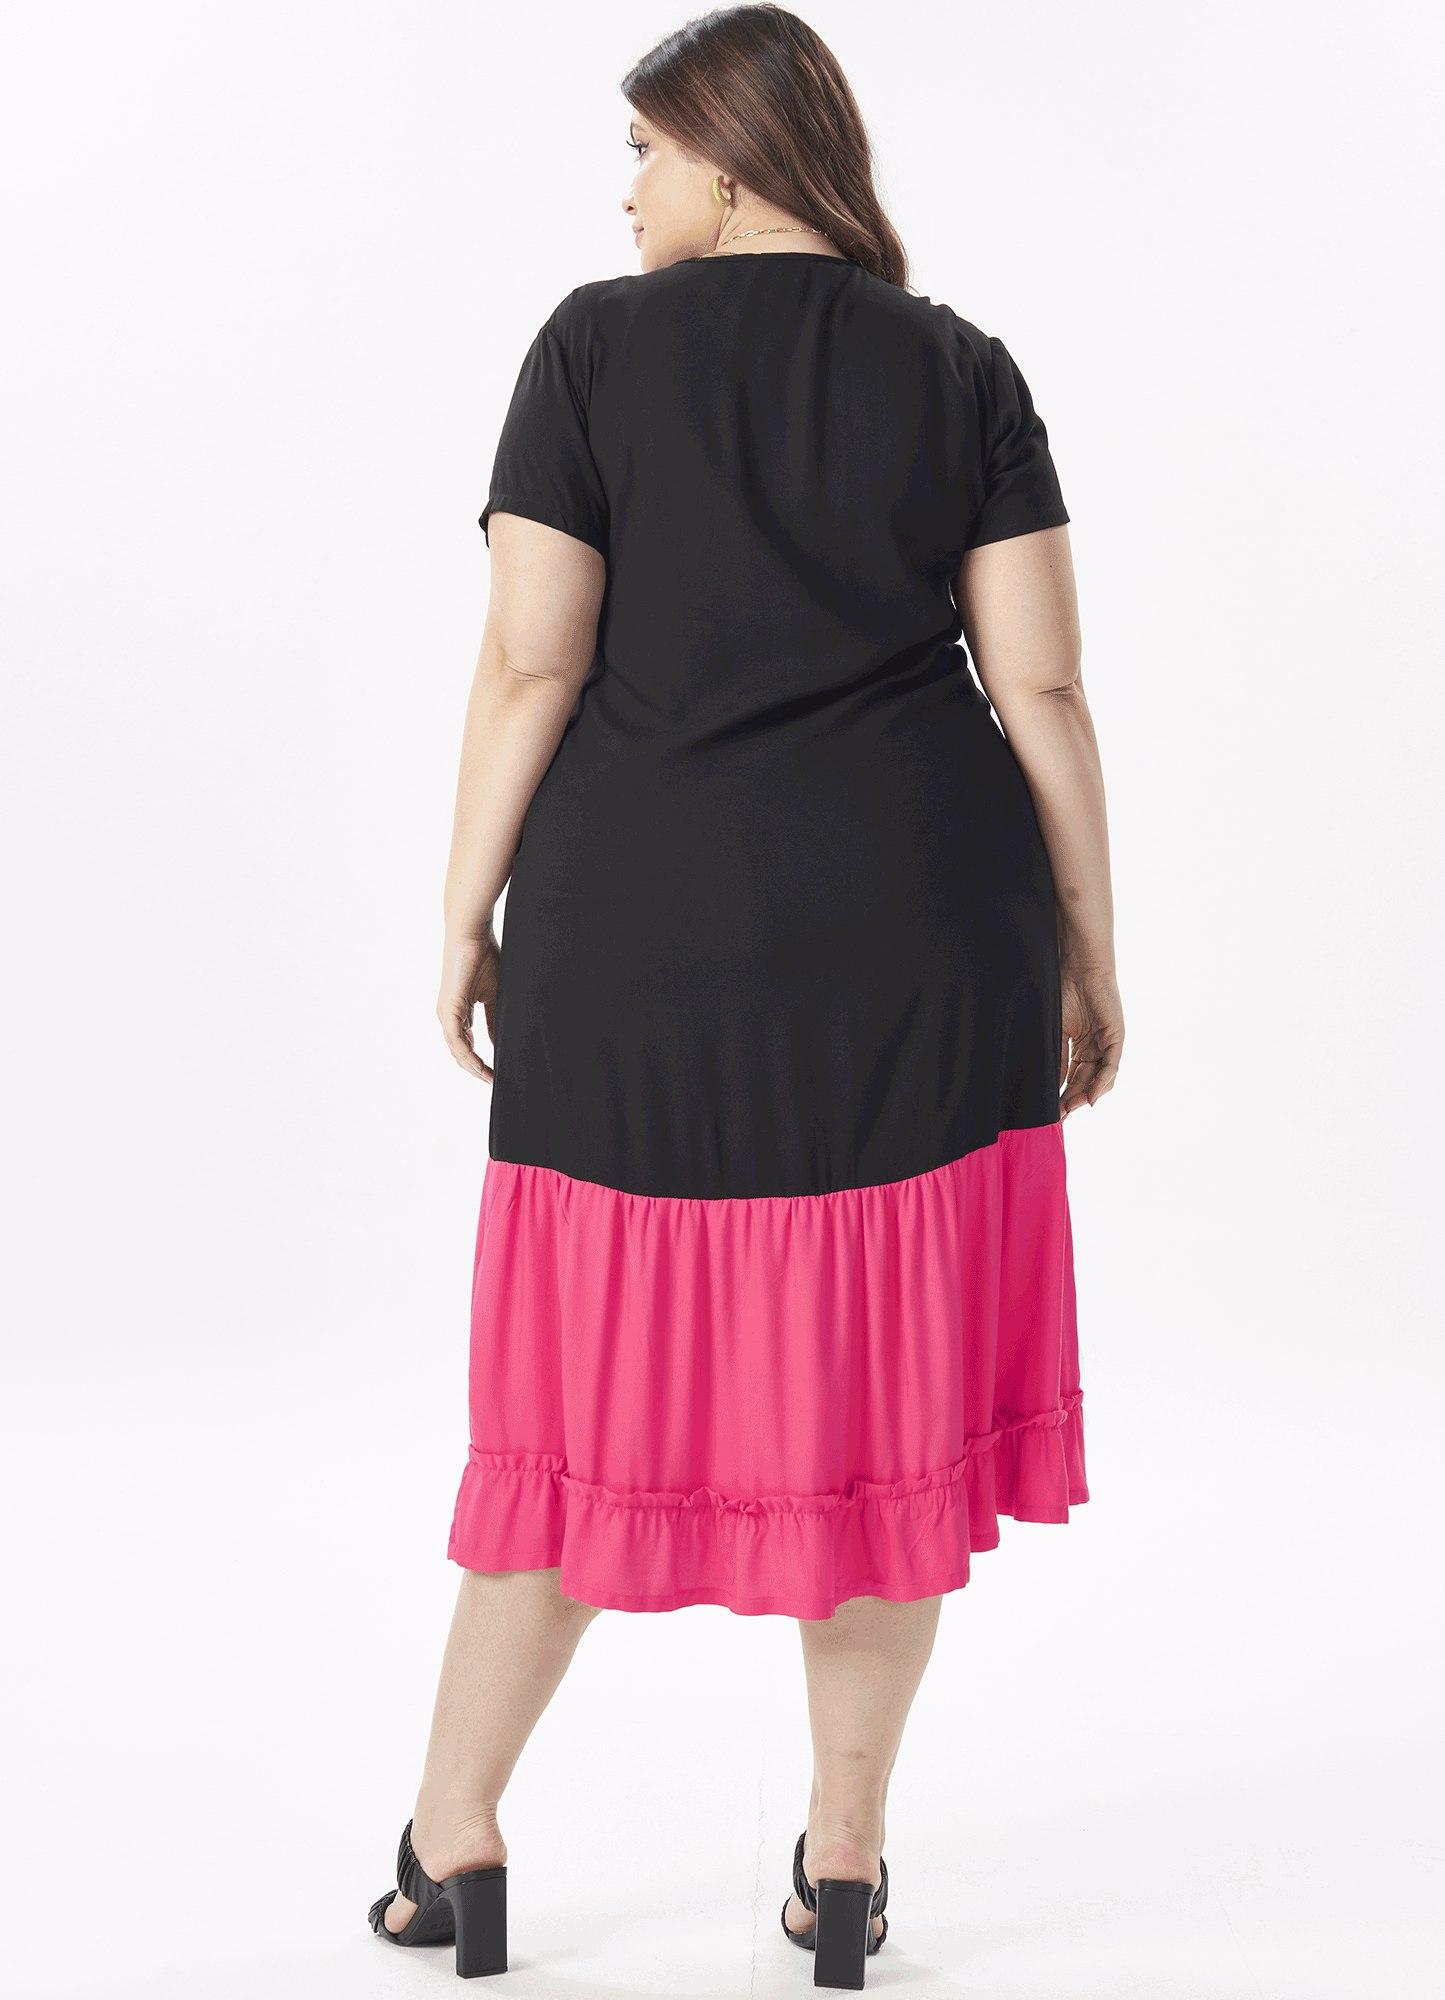 Vestido Feminino Plus Size Tecido Com Barrado Pink Decote em V